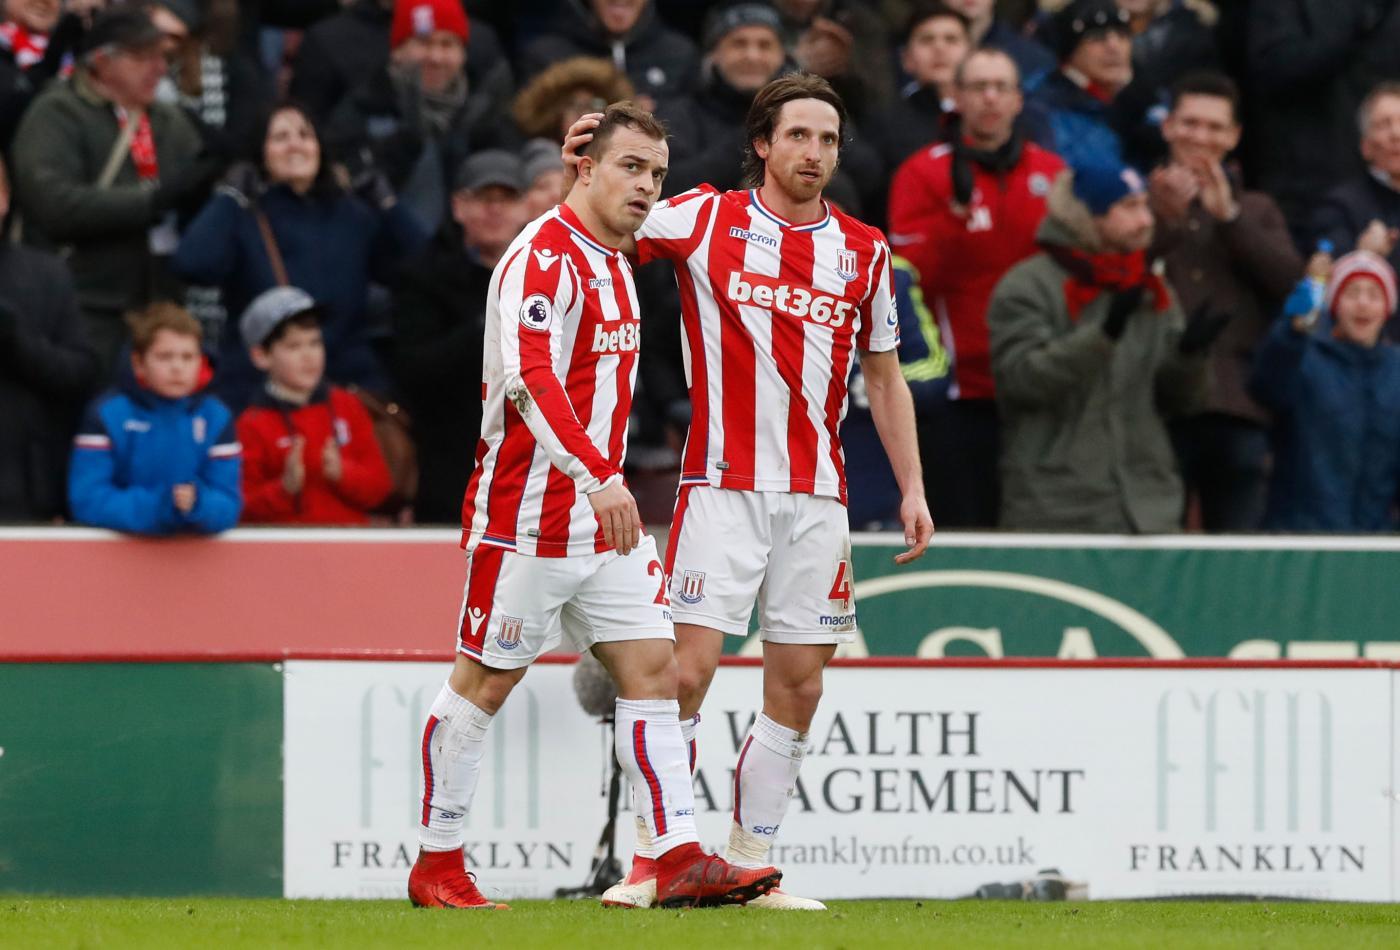 Stoke-Shrewsbury 15 gennaio: si gioca il replay dei 32 esimi di finale di FA Cup. I padroni di casa sono favoriti per la qualificazione.